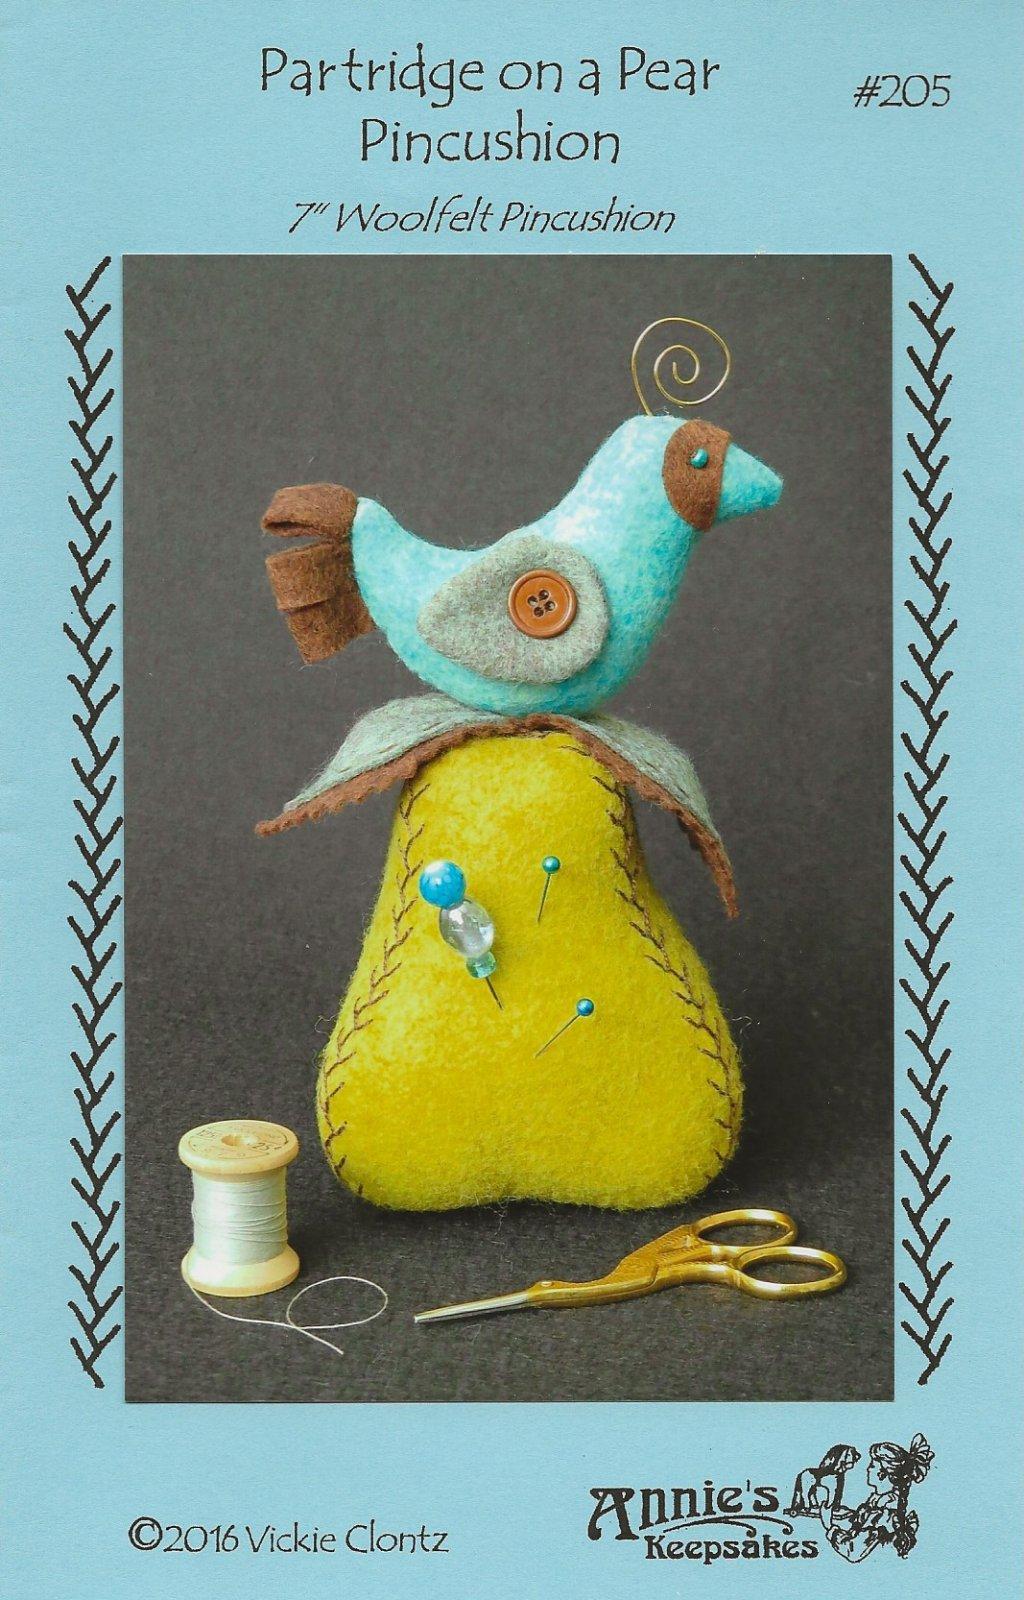 Partridge on a Pear Pincushion